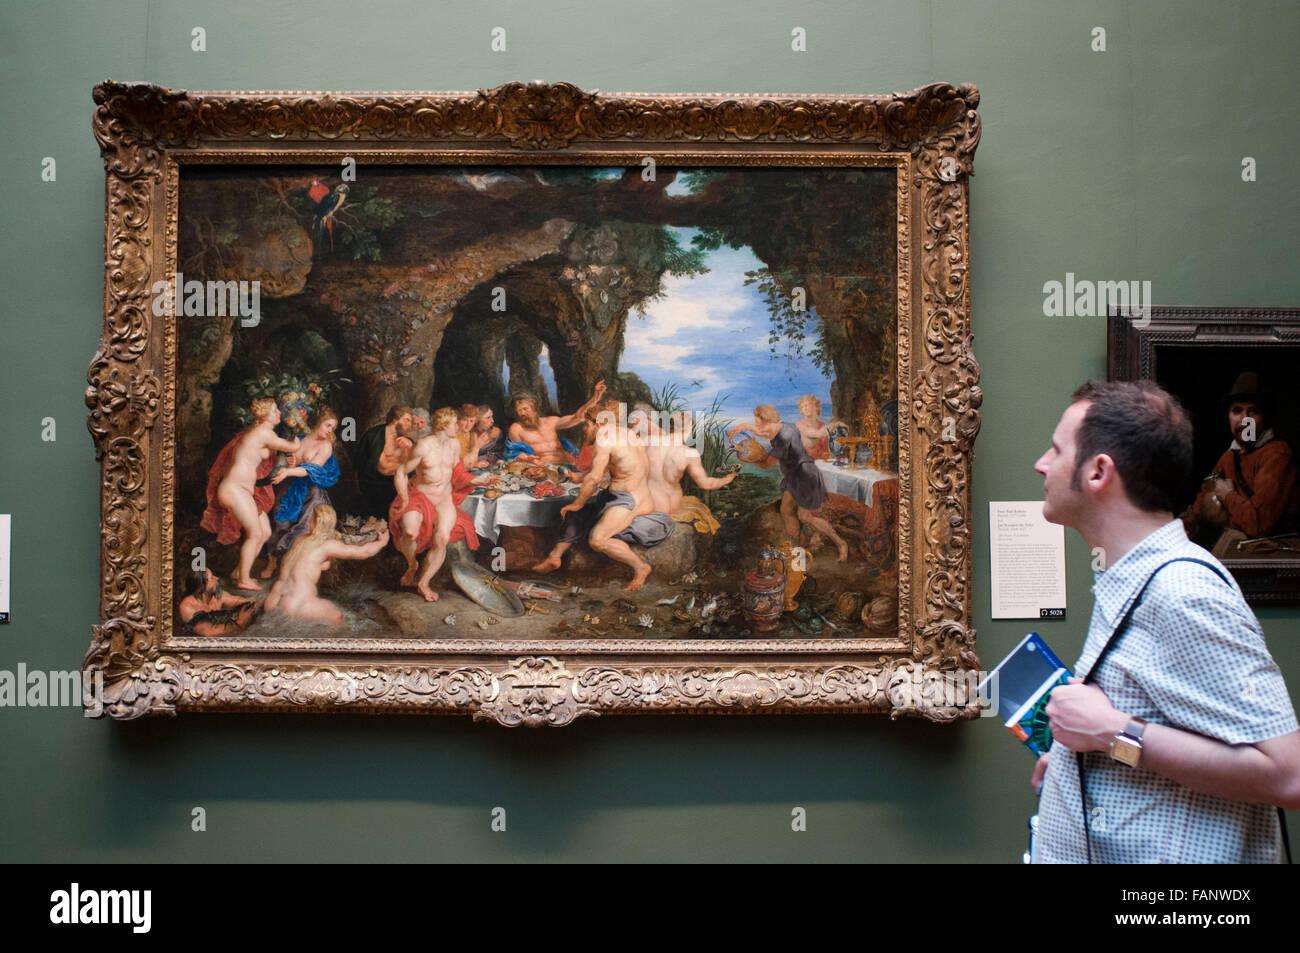 Peter Paul Rubens, Flamenco 1577-1640 y Jan Brueghel el Viejo Flamenco, 1568-1625. El Metropolitan Museum of Art, Nueva York, Estados Unidos. T Foto de stock